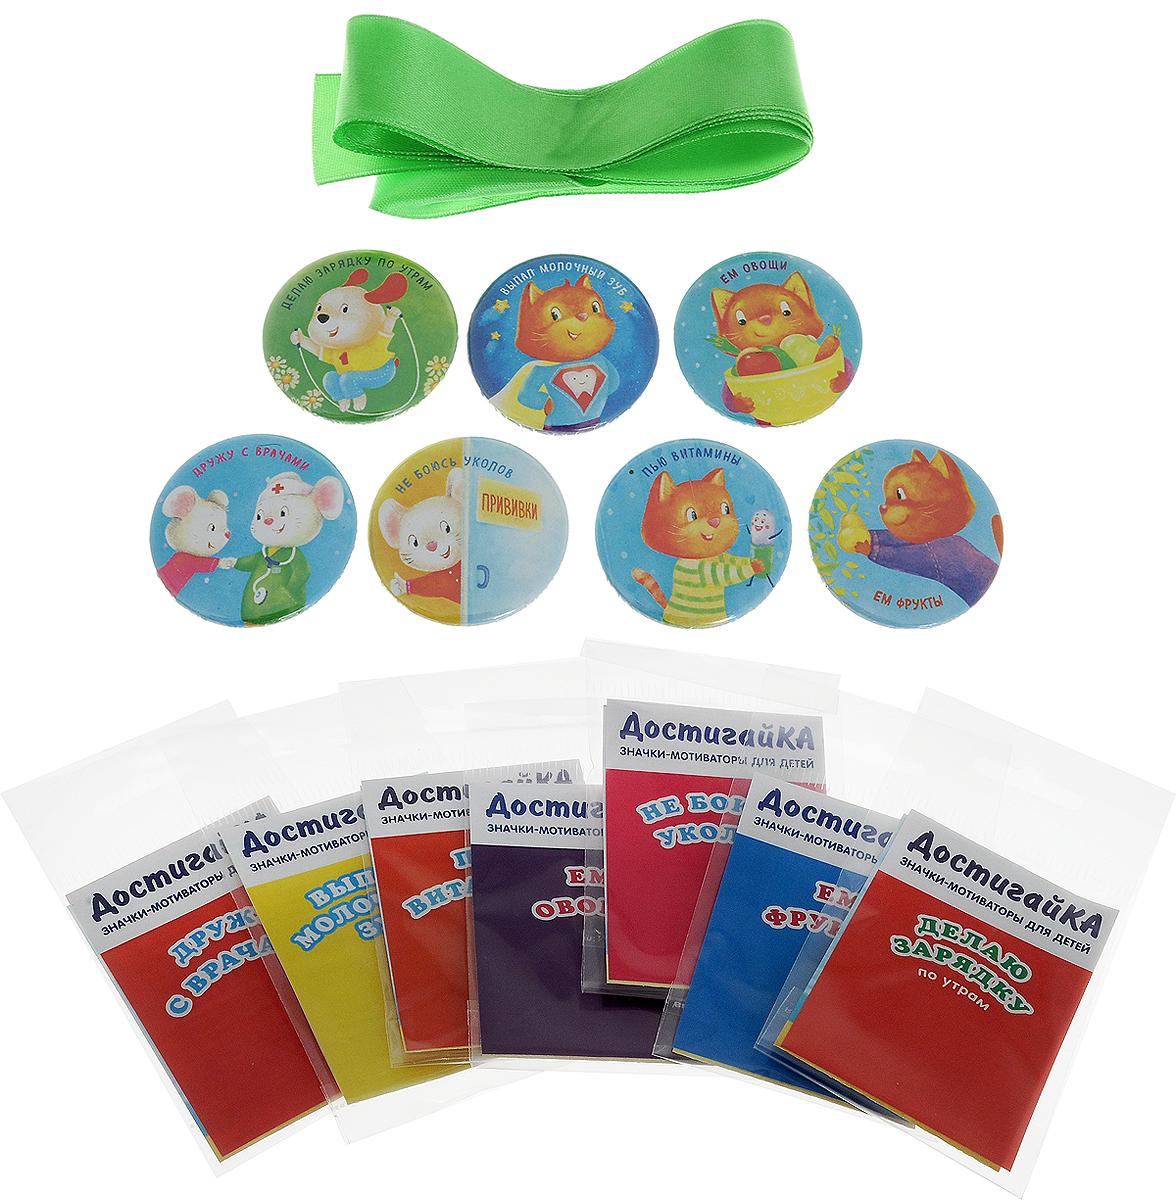 Комплект красочных значков для мотивации ребенка к заботе о себе, активности и полезному питанию. В наборе семь значков: - пью витамины- дружу с врачами- не боюсь уколов - ем фрукты- ем овощи- делаю зарядку по утрам- выпал молочный зуб.В каждом наборе яркая атласная лента, вы можете на нее крепить все заработанные значки вашего маленького чемпиона, а он с гордостью носить. Зачем нужны значки-мотиваторы ? Детям: освоить основные повседневные навыки;развить свои способности;собрать свою коллекцию достижений;- родителям обходиться в обучении без поощрения планшетом, мультиками, едой и деньгами;воспитать у детей ответственность и трудолюбие;легко организовать помощь детей в быту.Родителям: Подсказка о том, чему нужно обучить ребенка и способ привлечь его внимание.  Инструмент мотивации детей к развитию их способностей. Замена плохой мотивации (сладкое, деньги, планшет и т.д.). Игровой формат: так легче договориться с ребенком о выполнении повседневных обязанностей. Полезное времяпрепровождение с ребенком, построение доверительных отношений.Что делать родителям:Покажите ребенку значки и расскажите, за что они даются.Предложите ему собрать коллекцию значков, ведь она такая красивая.  Выдайте значок ребенку только после того, как он выполнит задание в течение заданного срока (день, неделя, две и т.д.). Для освоения навыка желательно, чтобы задание или событие не было разовым, а носило регулярный характер.  Вы можете выдавать один и тот же значок несколько раз, например, за каждое выученное стихотворение.  Значки нельзя дарить, ребенок должен их заработать.  Заслуженные значки нельзя забирать, только выдавать новые. Значки можно повесить на одежду, рюкзак, игрушки или на магнитную доску. Эффект для детей: Развитие способностей и укрепления желания познать новое.  Тренировка памяти.  Развитие навыка грамотно распоряжаться своим временем.  Воспитание ответственности (нет выполненного задания – нет значка).